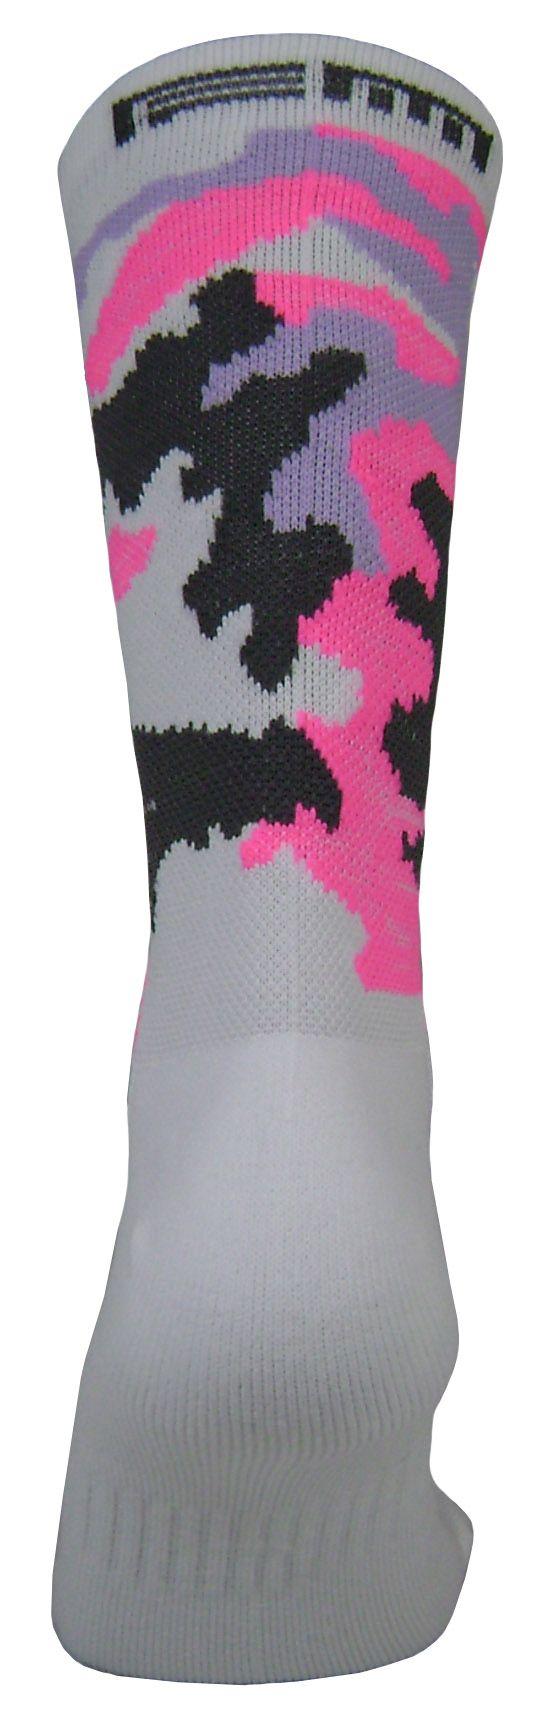 Par de meia Compressão cano médio  - Camuflado rosa neon